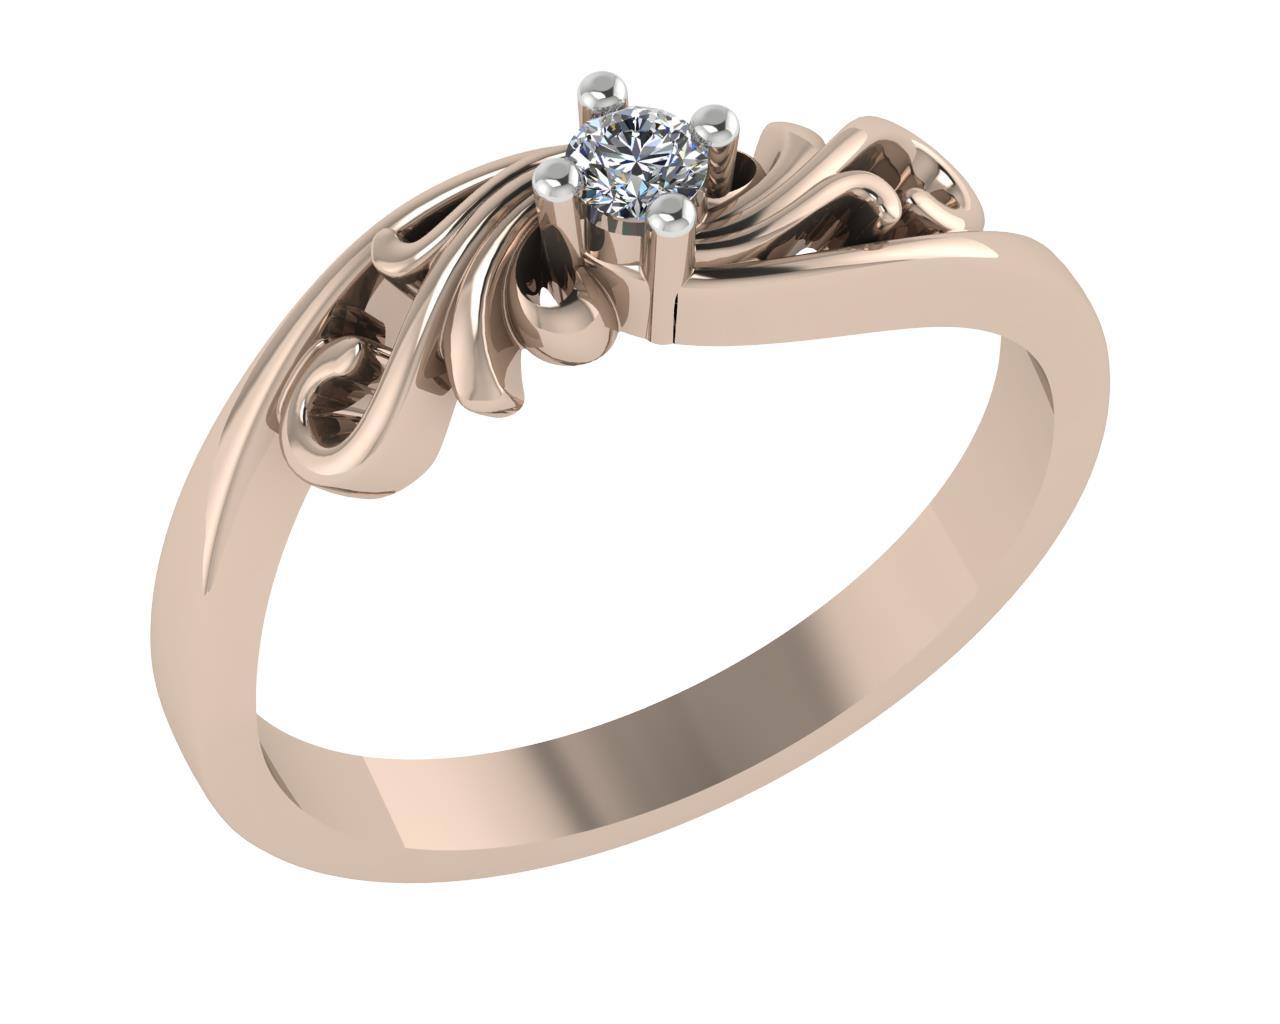 Золотое кольцо Фианит арт. 1026621-11210 1026621-11210